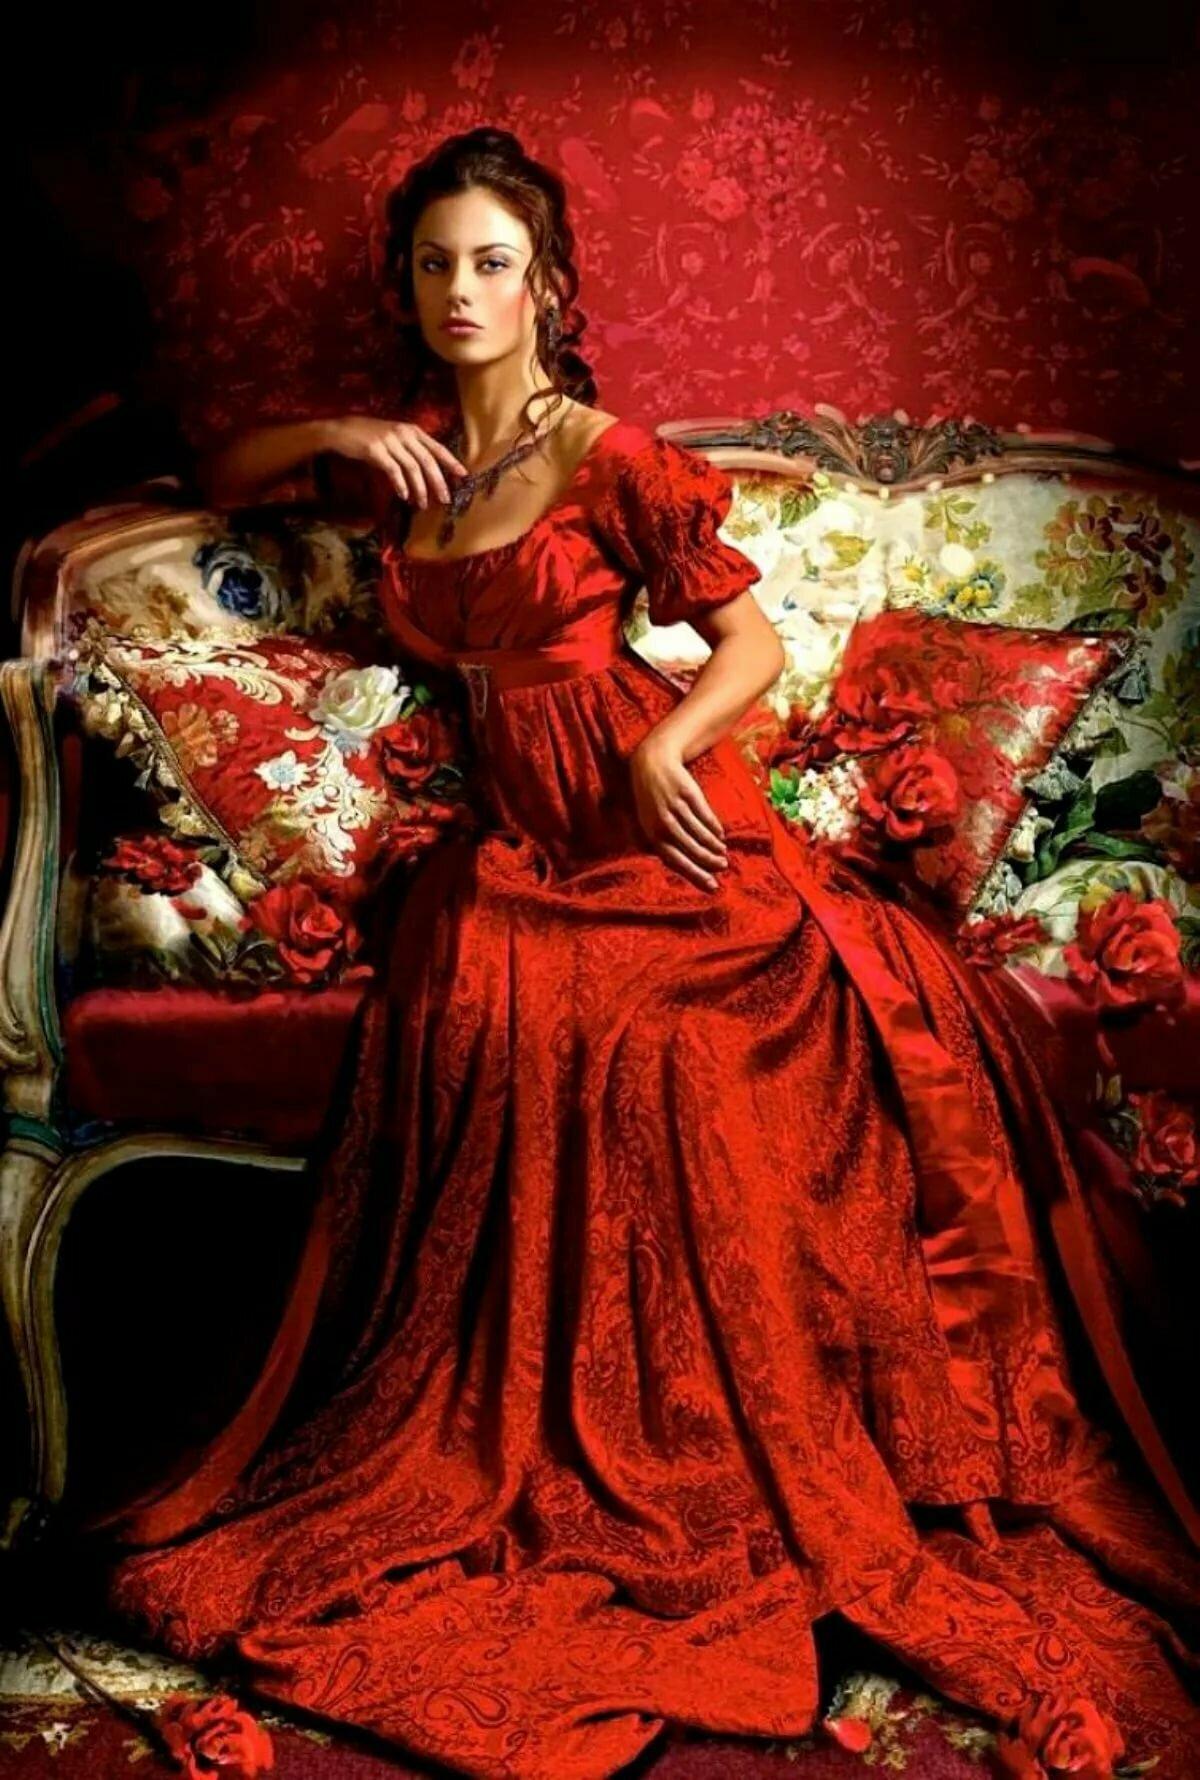 владивосток фотосессии в старинных платьях для